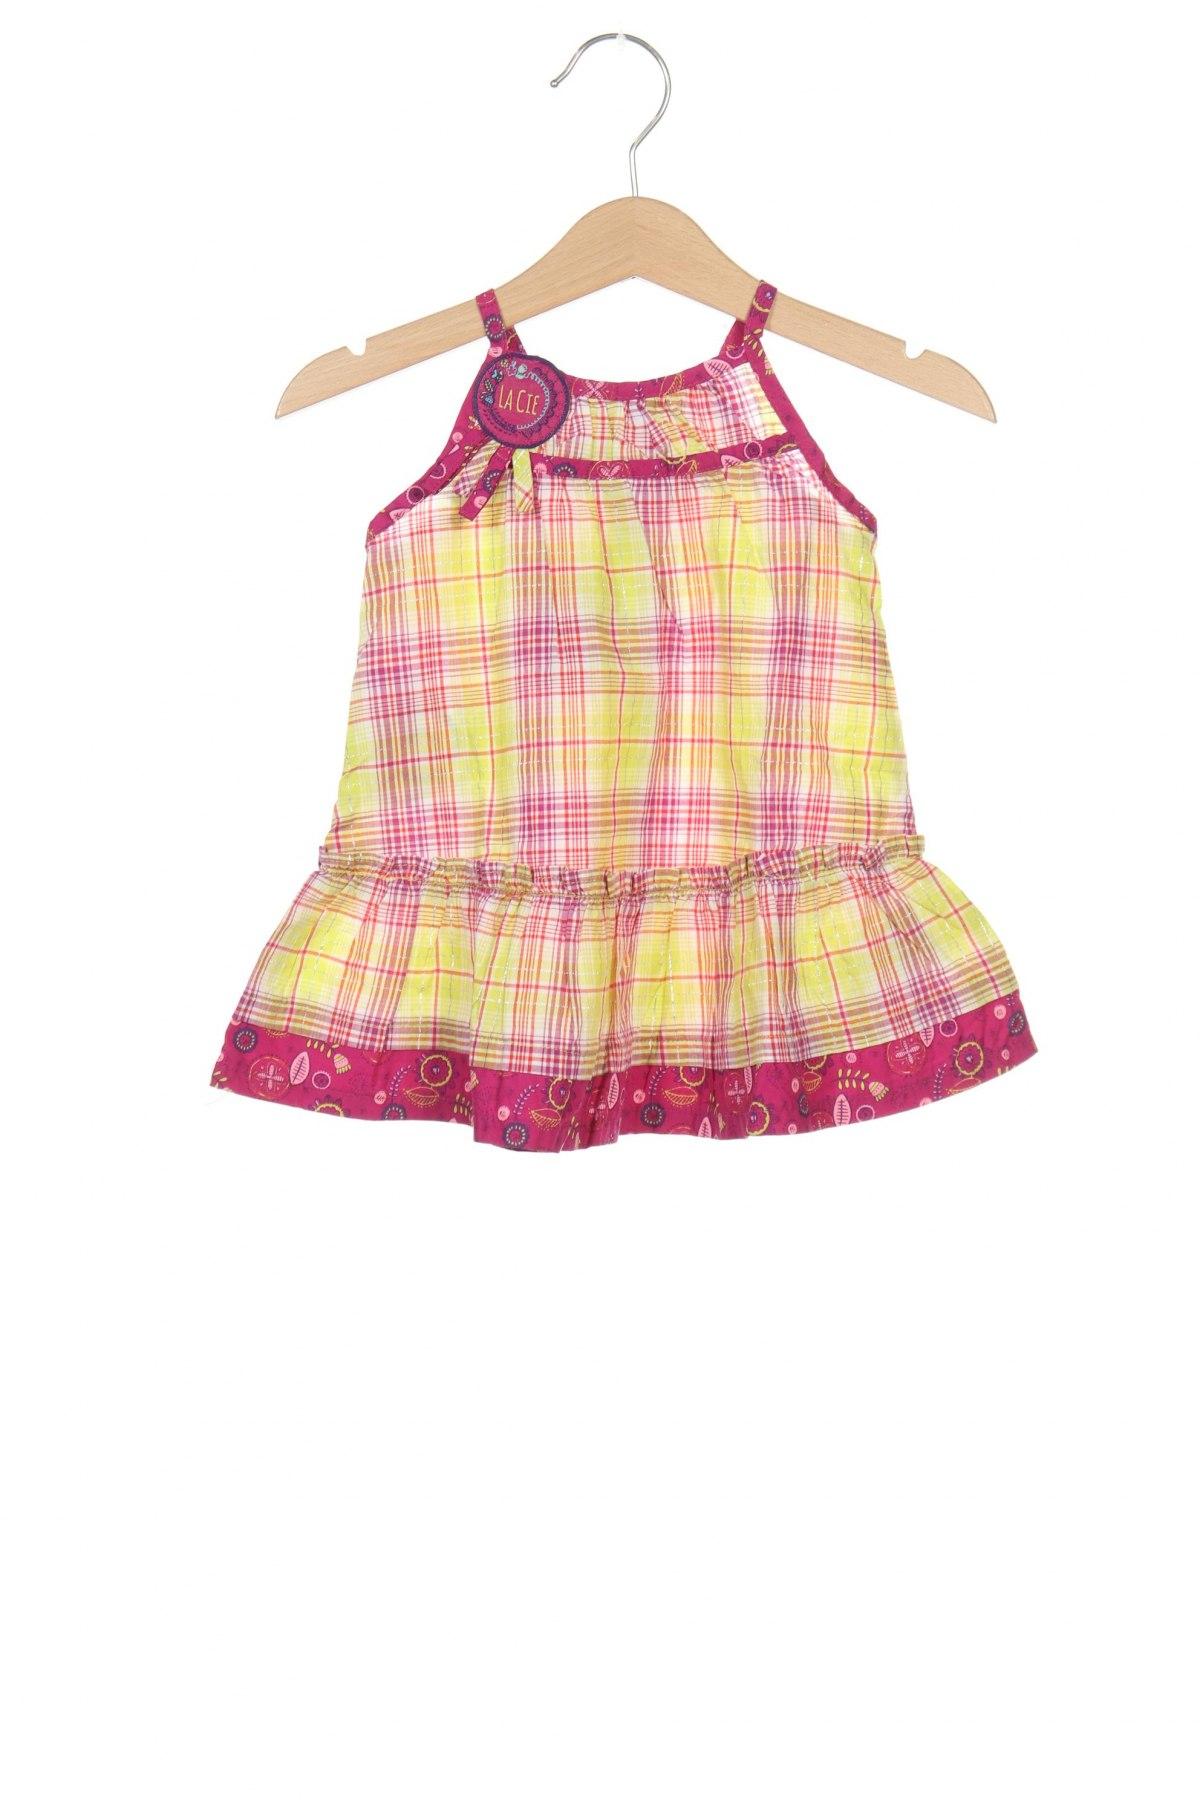 Παιδικό φόρεμα La Compagnie des Petits, Μέγεθος 3-6m/ 62-68 εκ., Χρώμα Πολύχρωμο, 99% βαμβάκι, 1% πολυεστέρας, Τιμή 10,83€